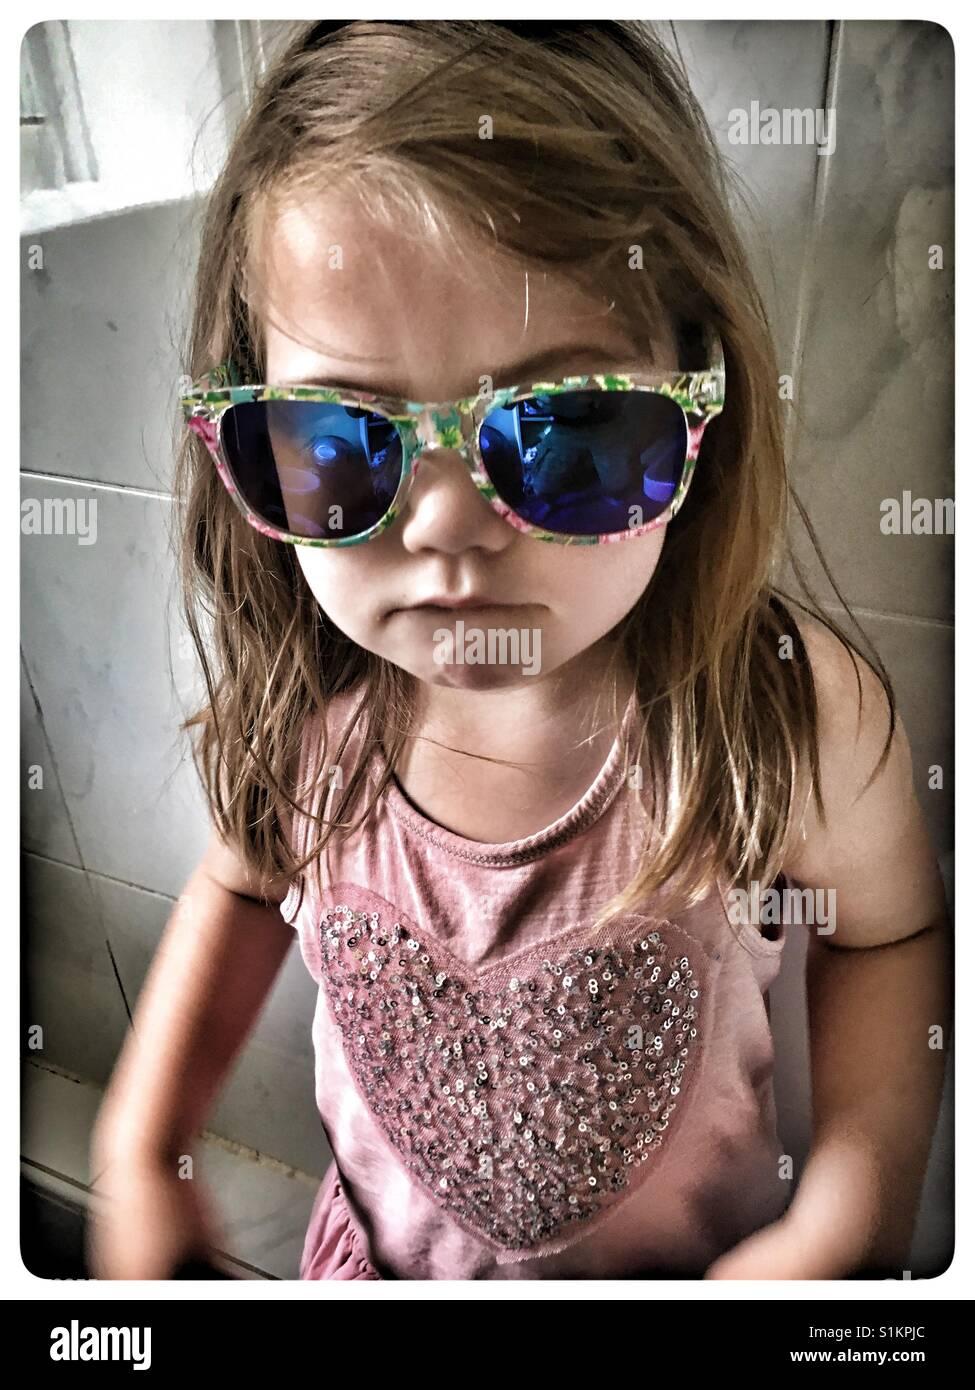 8745a14b5d85 Girls Wearing Sunglasses Stock Photos & Girls Wearing Sunglasses ...